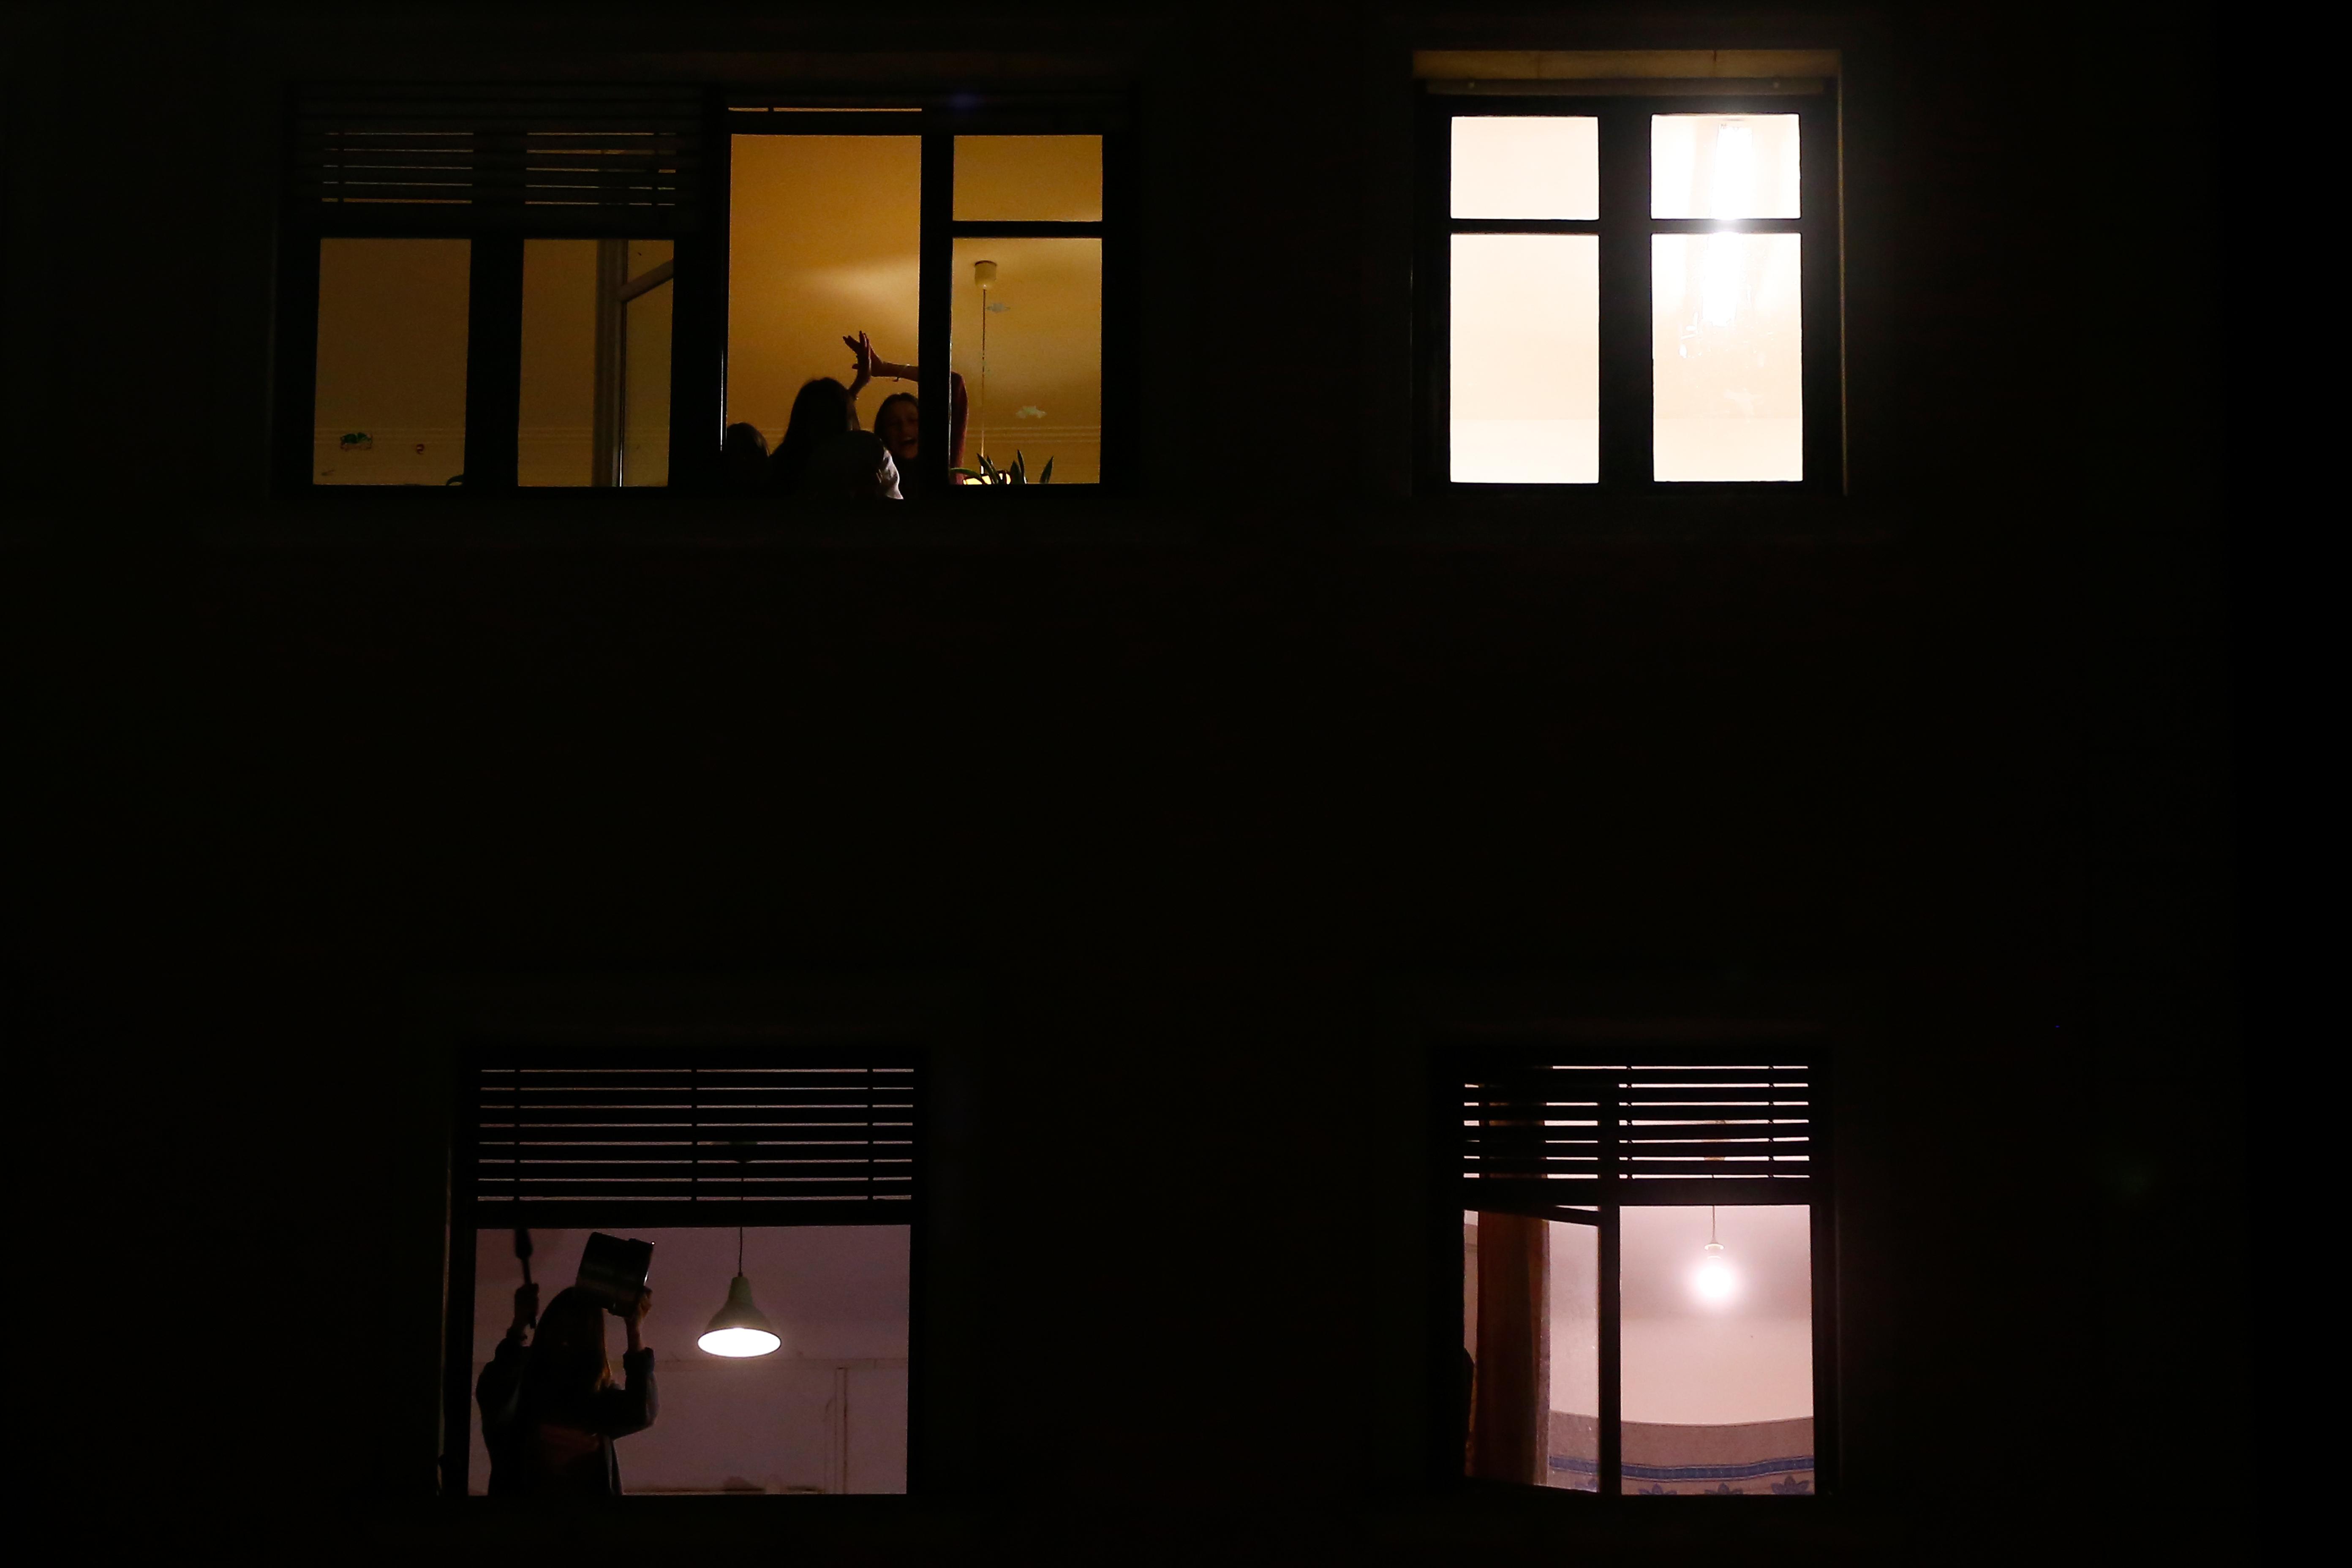 Barcelona a piaci ár feléért kisajátítja a két éve üresen álló lakásokat